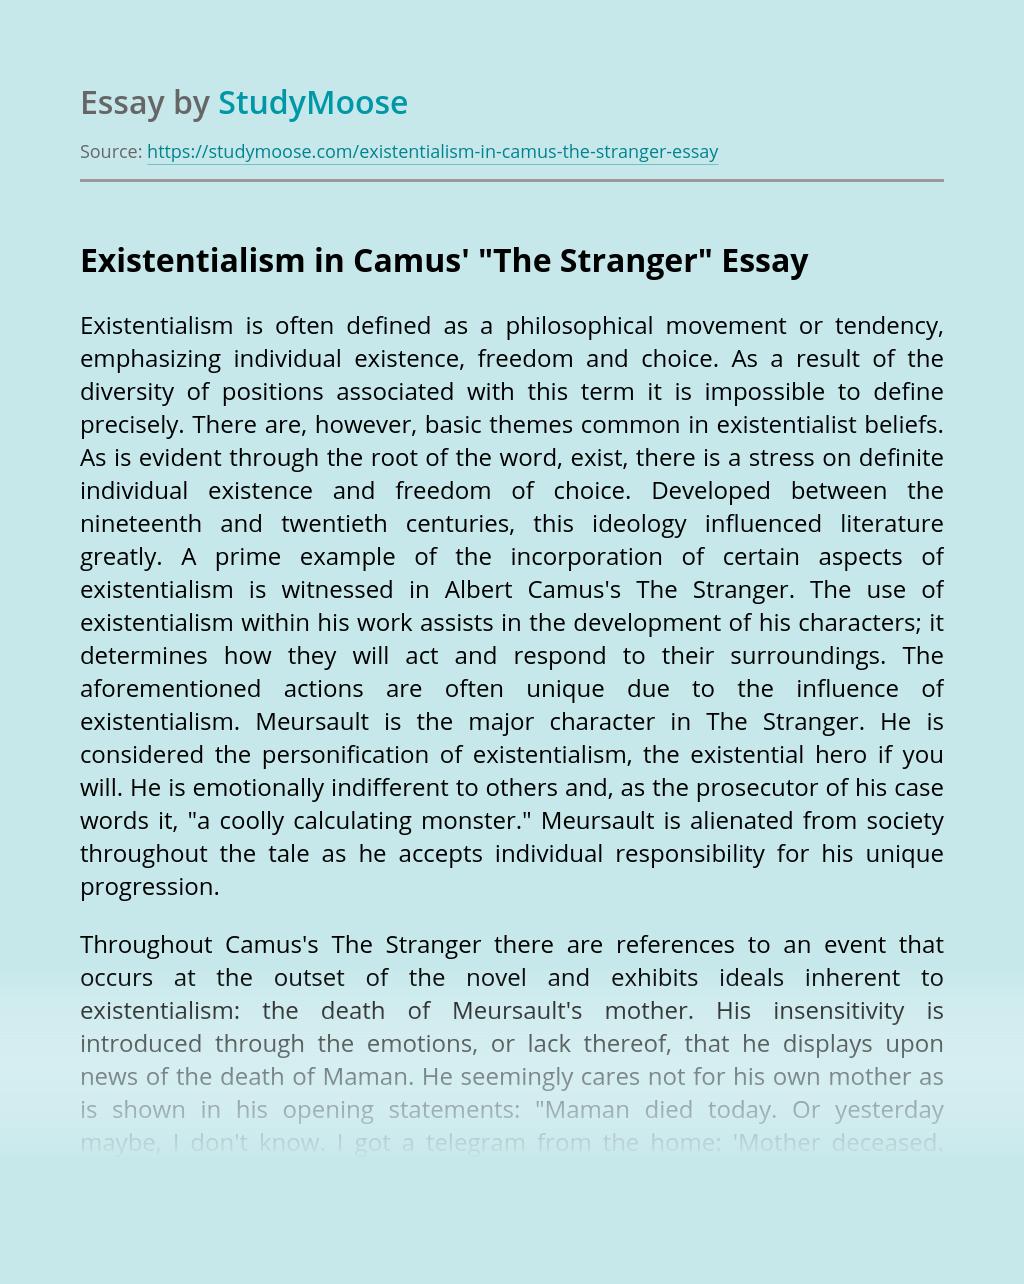 Existentialism in Camus'